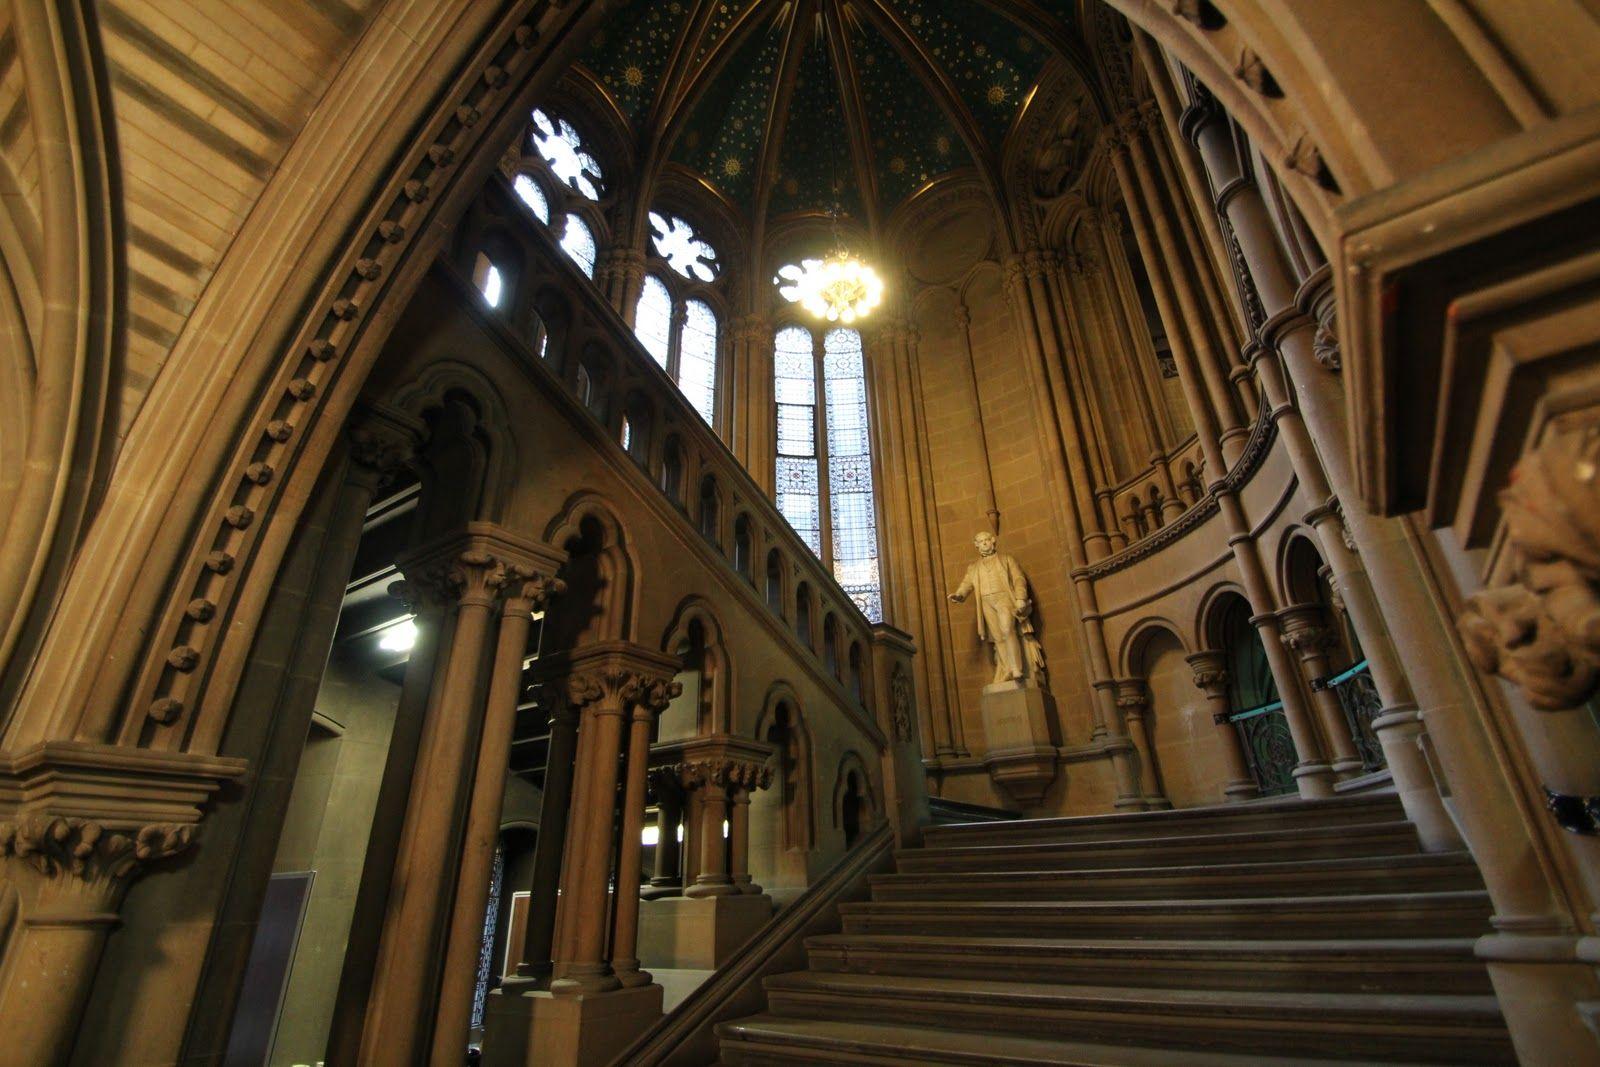 Dark Gothic Interiors